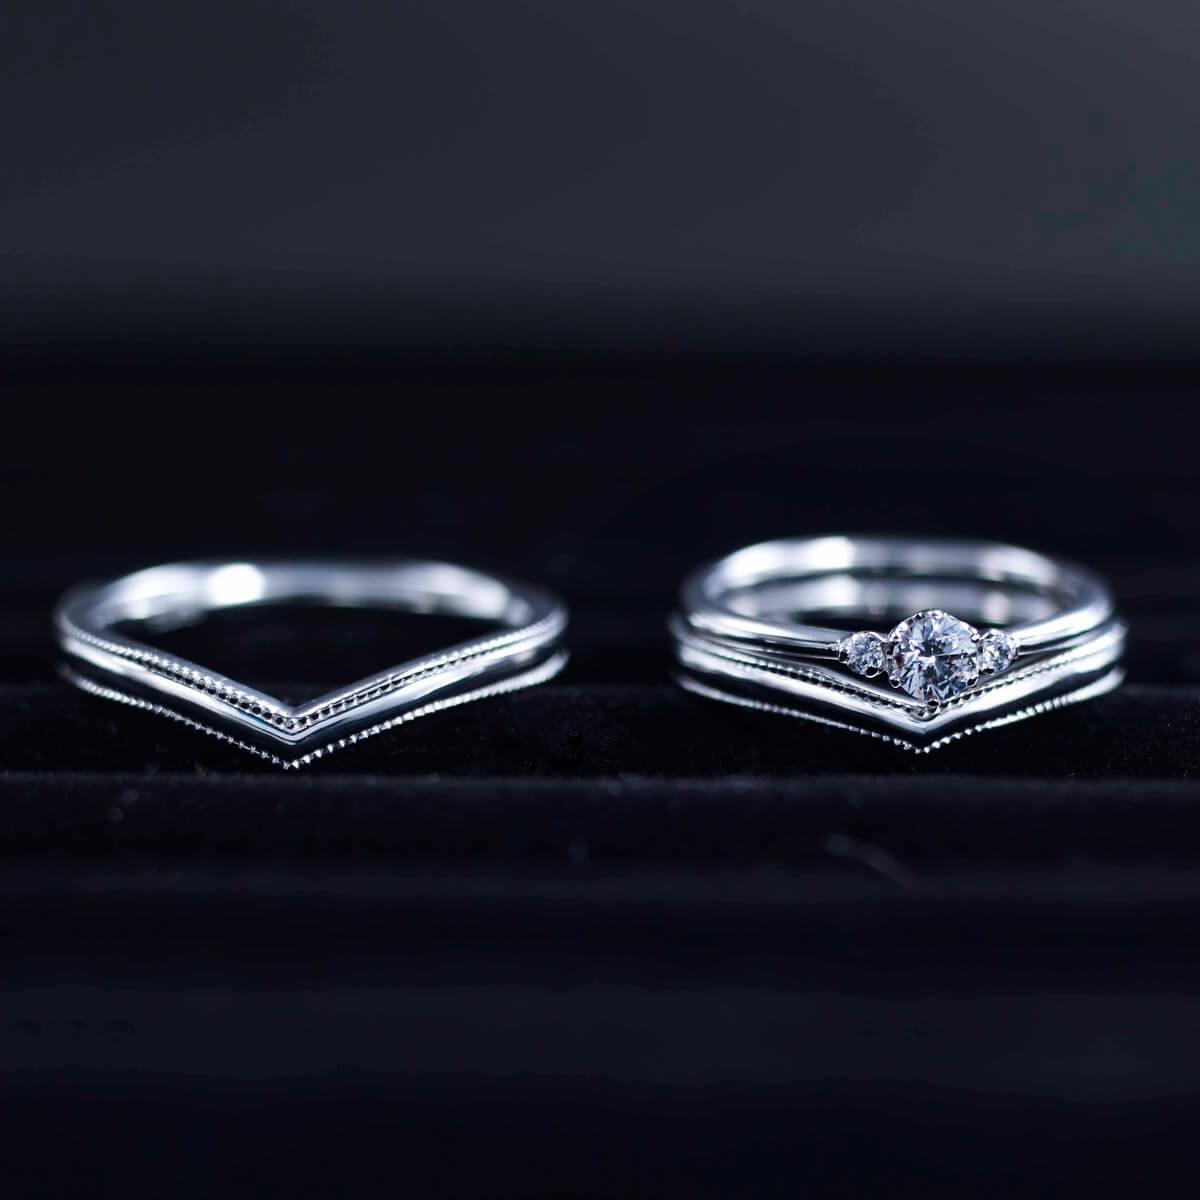 婚約指輪・結婚指輪(工房スミス)